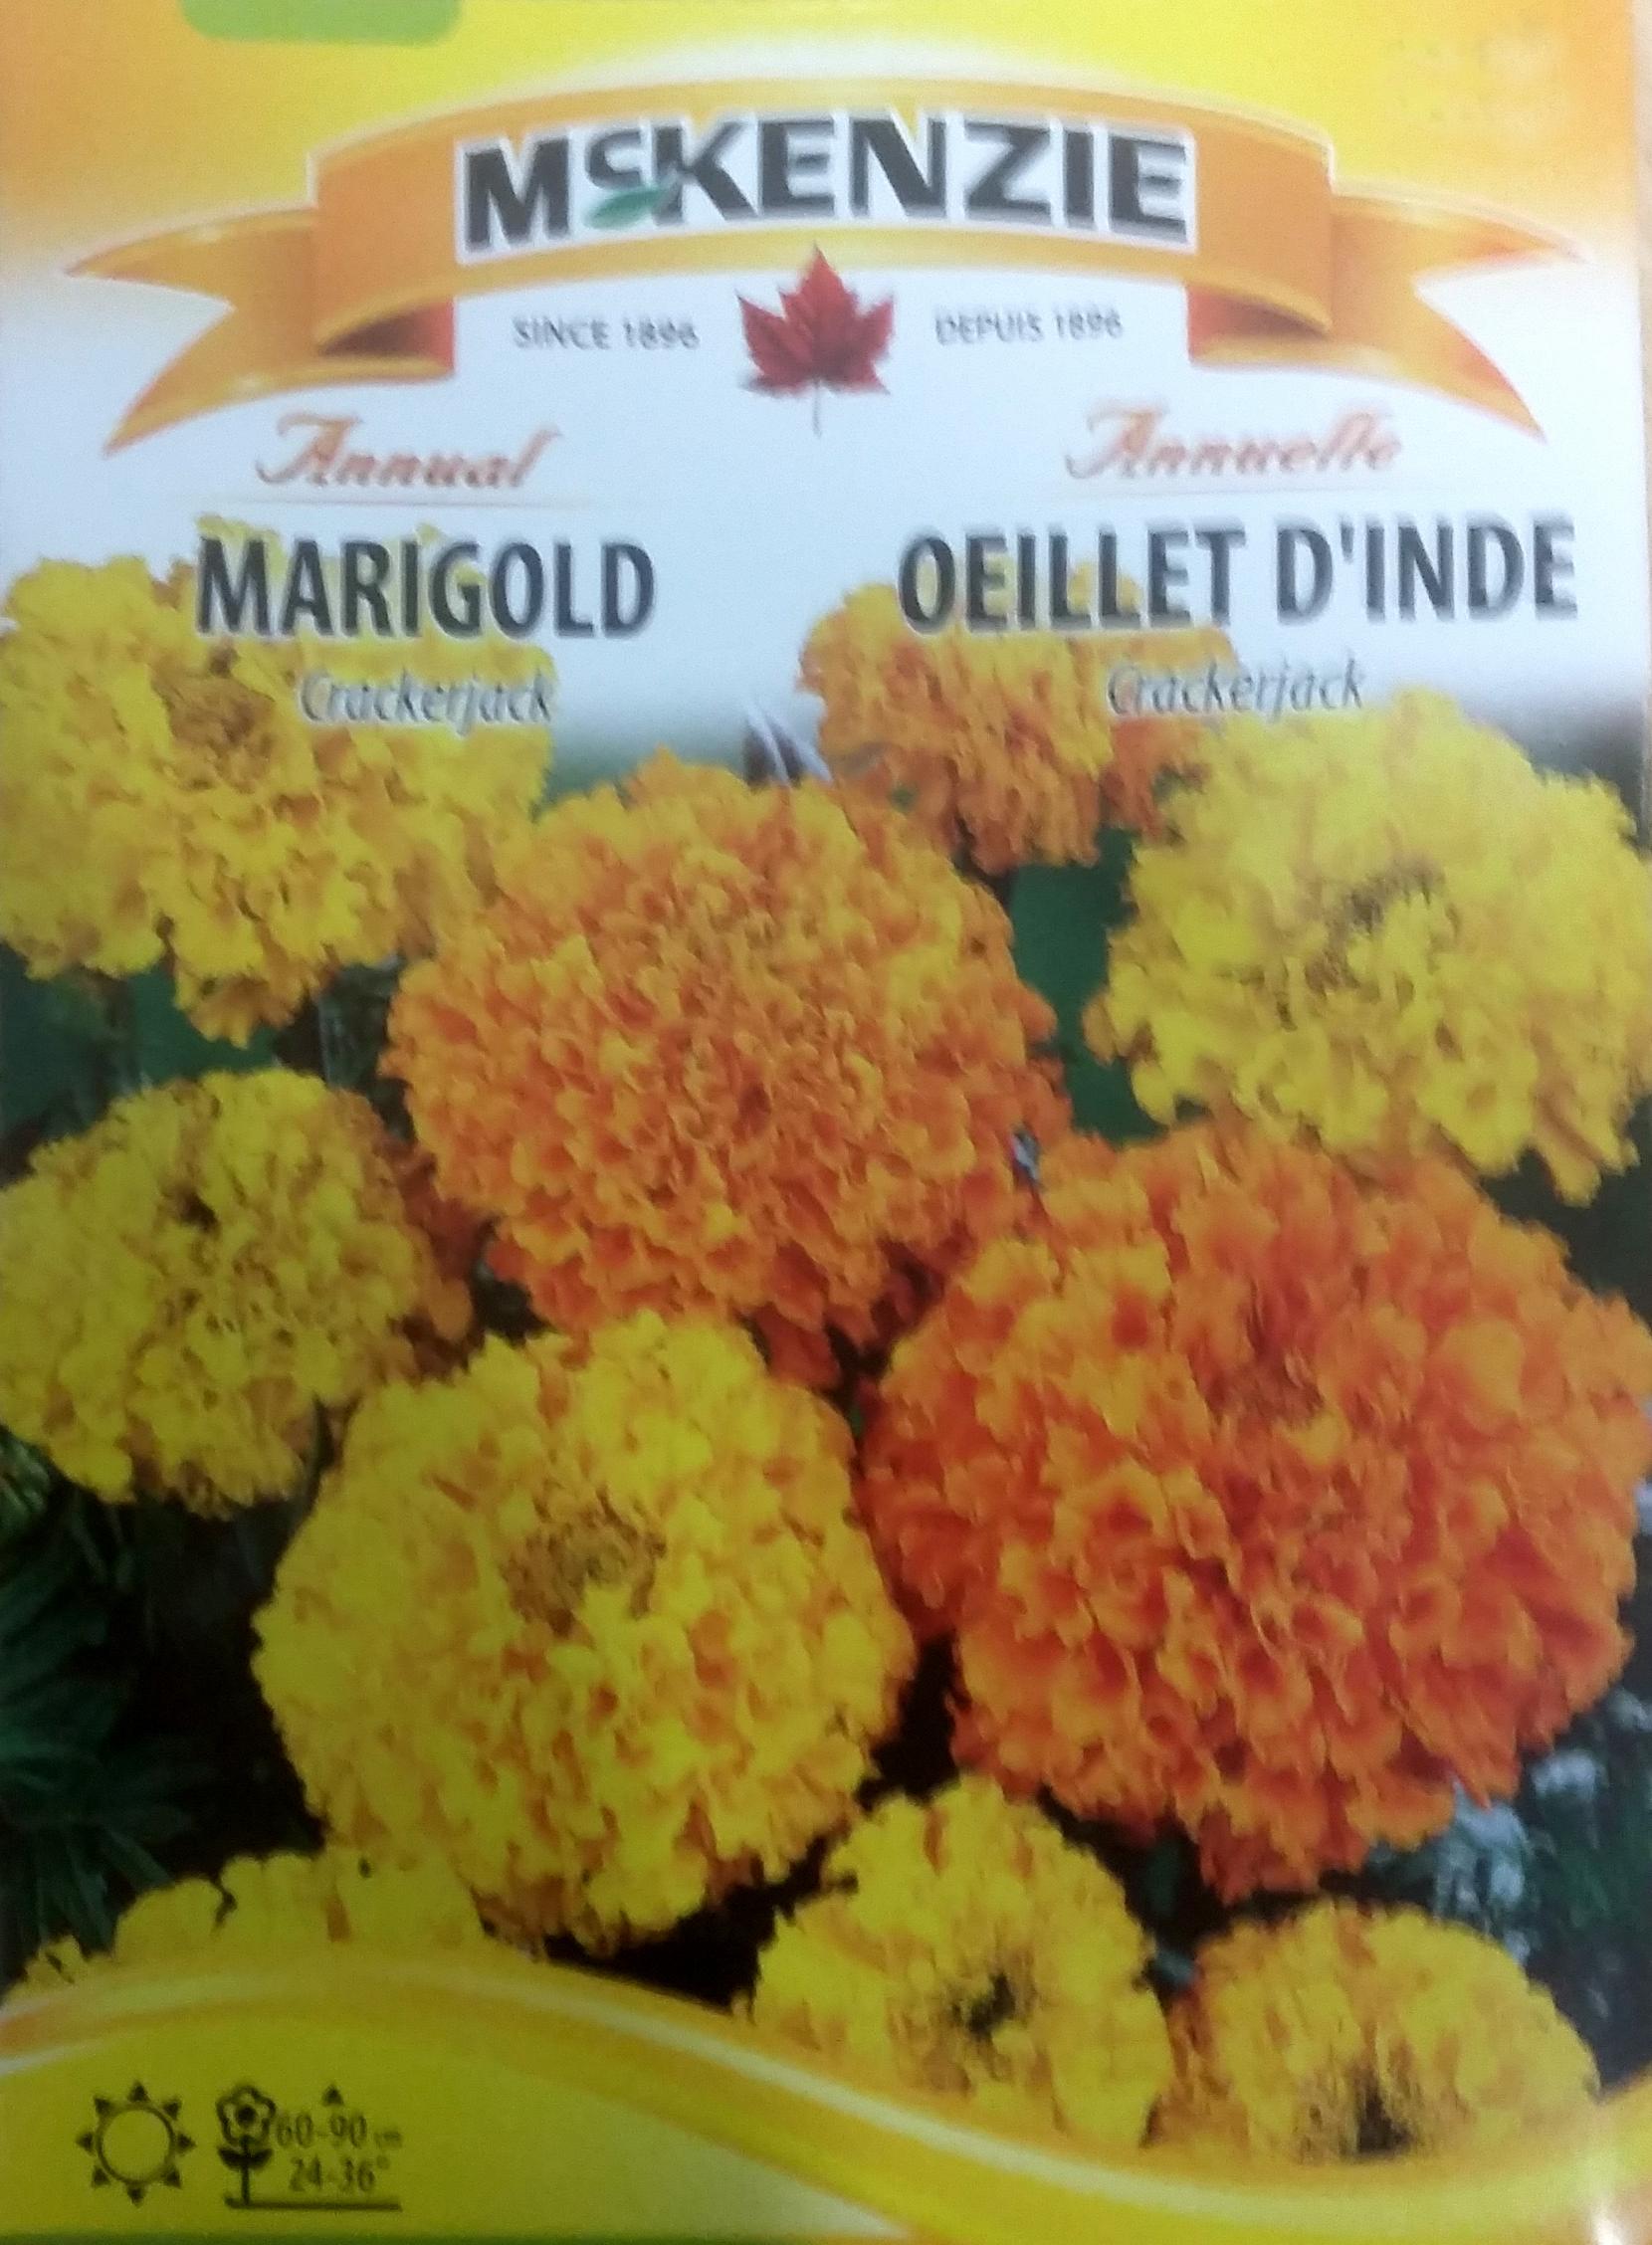 Oeillet d 39 inde crackerjack semence fleur ann mckenzie - Semer des oeillets d inde ...